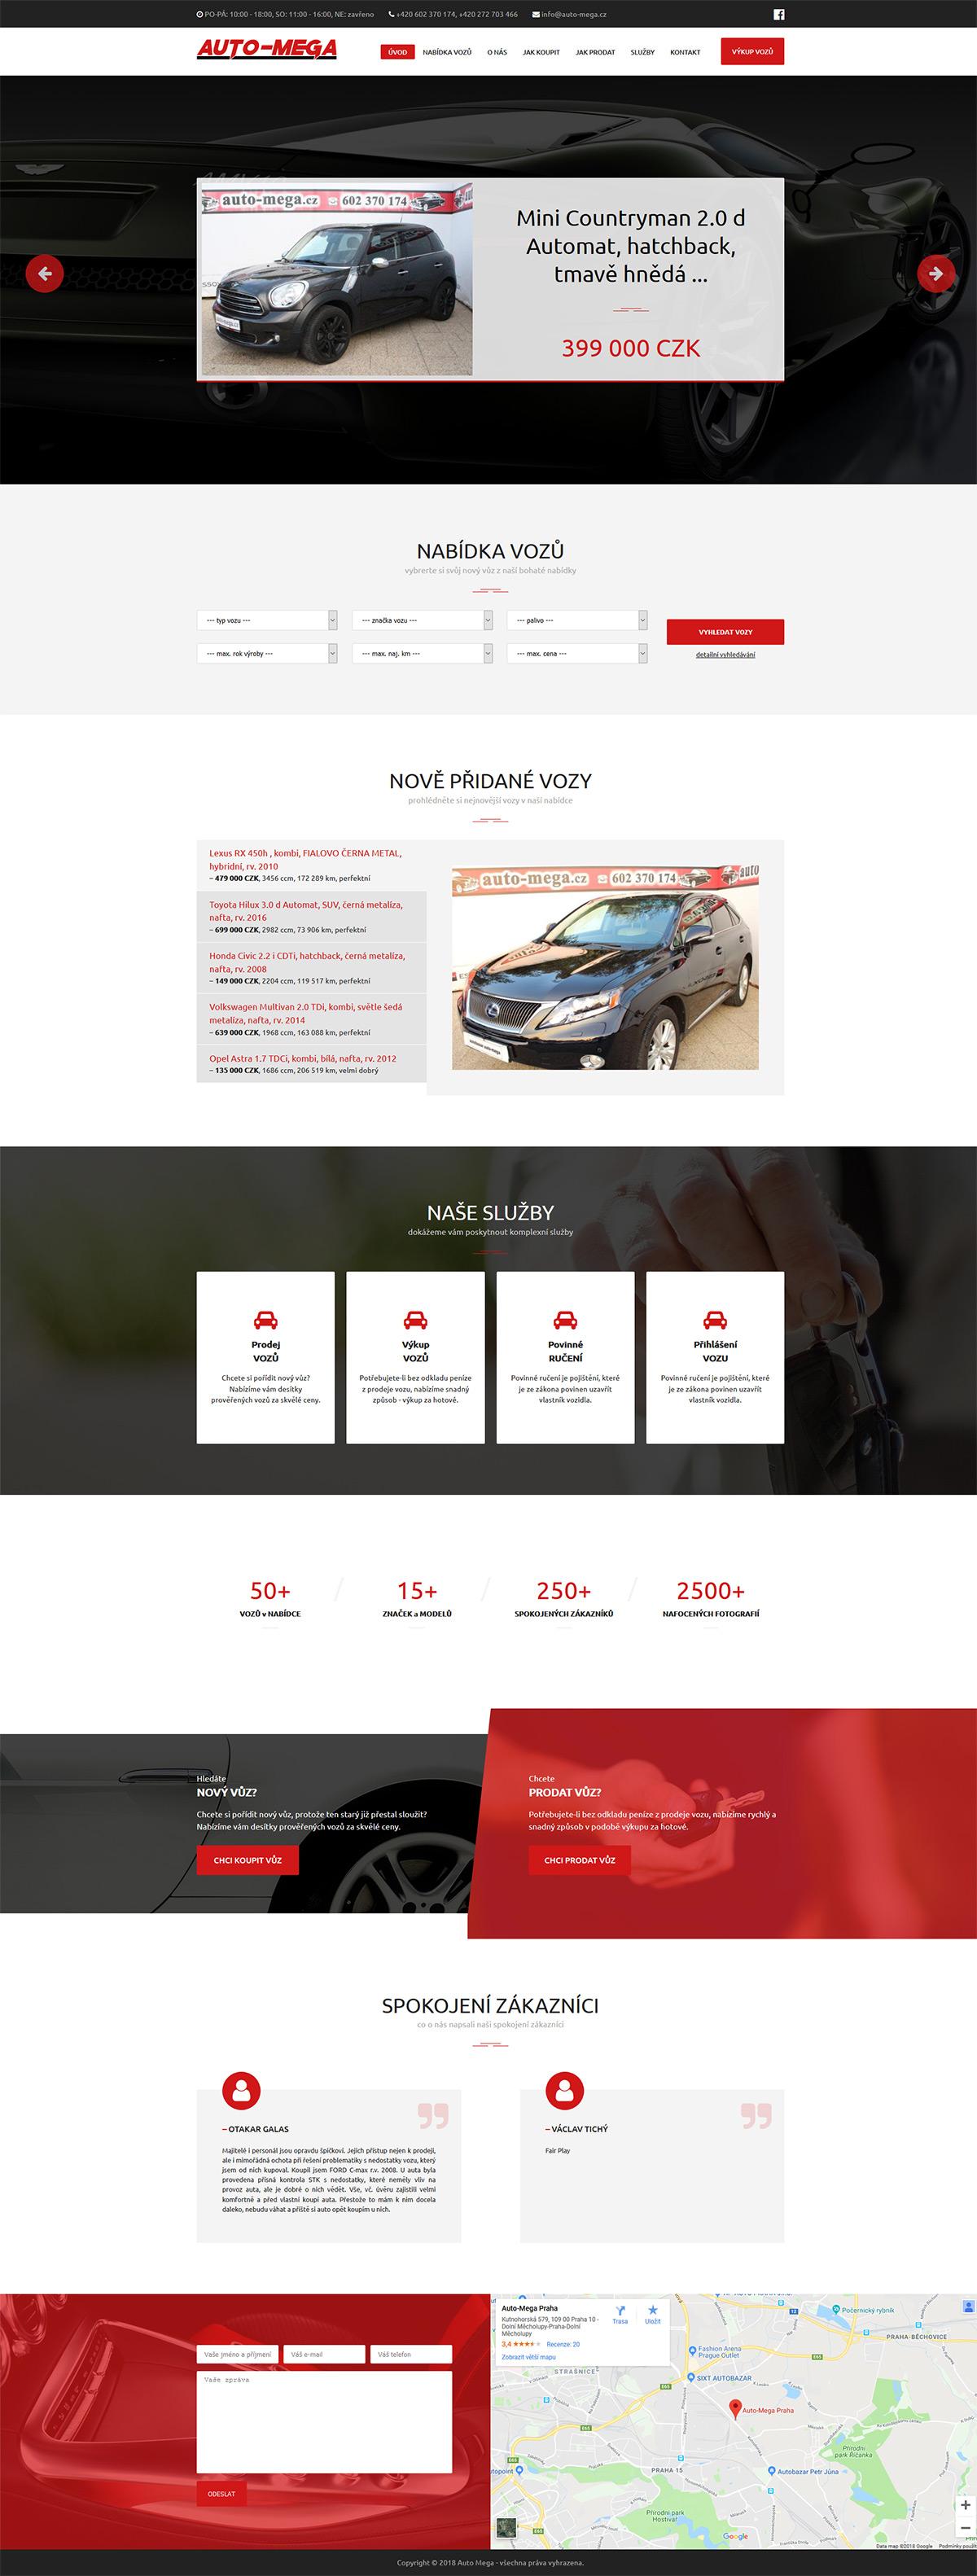 Nový responzivní web pro pražský autobazar